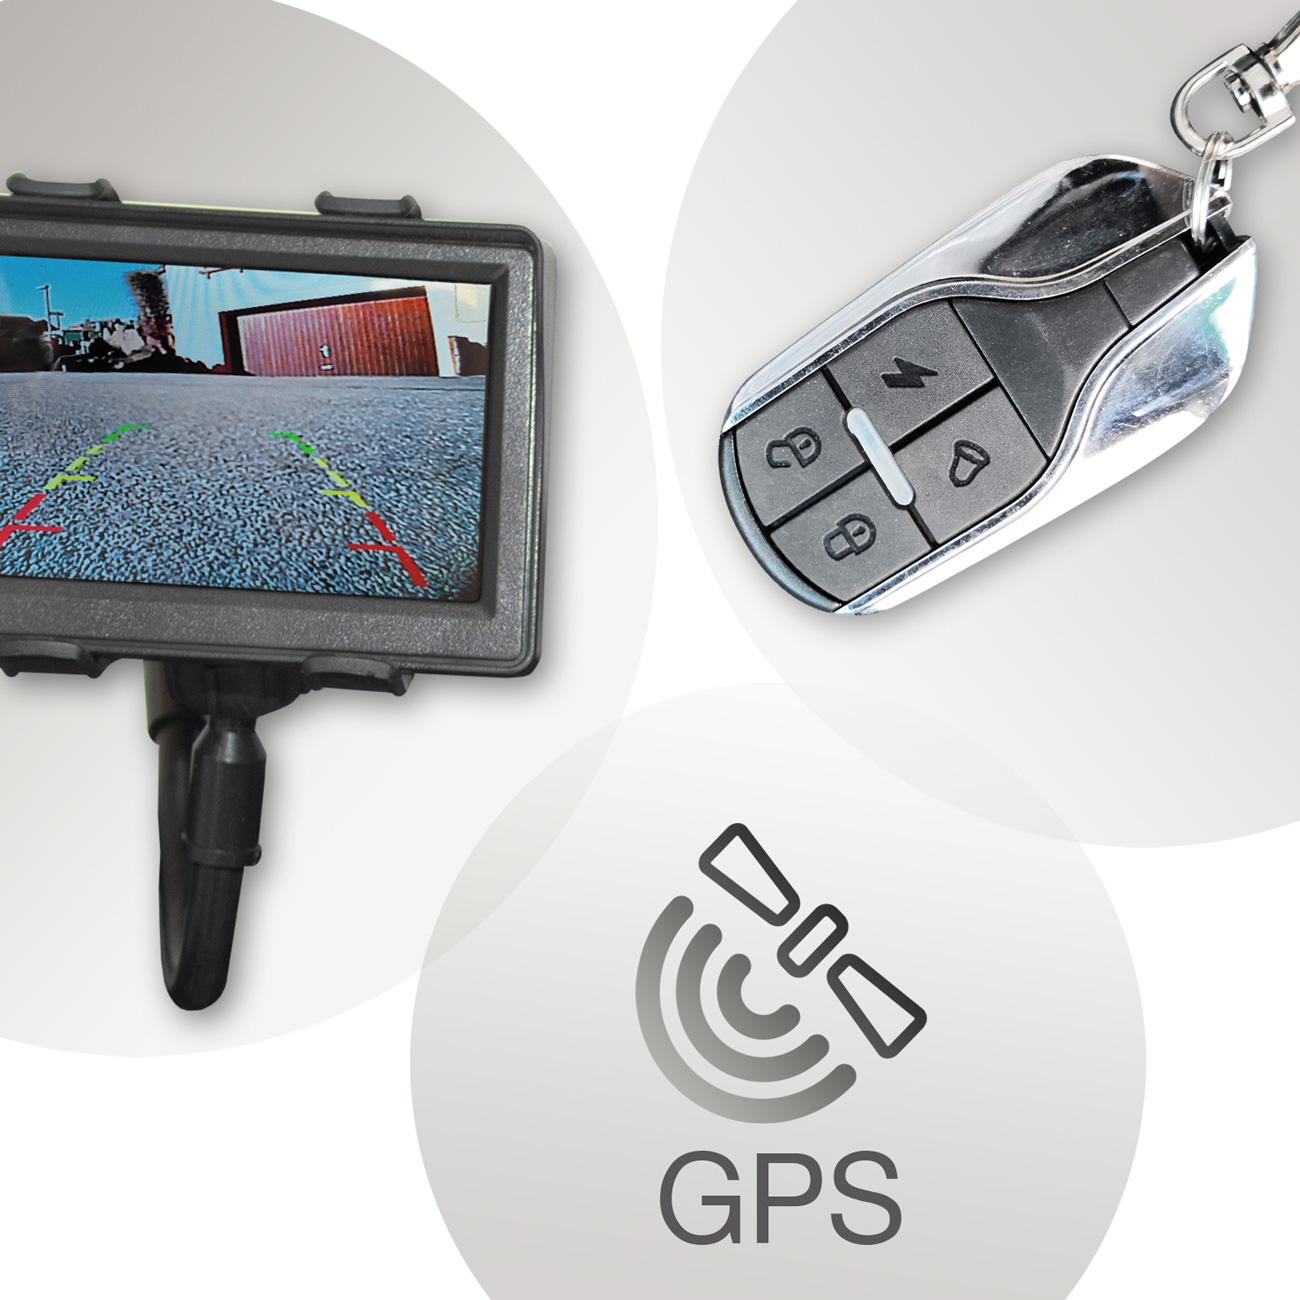 Das 3-teilige Sicherheitspaket besteht aus Rückfahrkamera, GPS-Sender und Funk-Fernbedienung für die Alarmanlage.